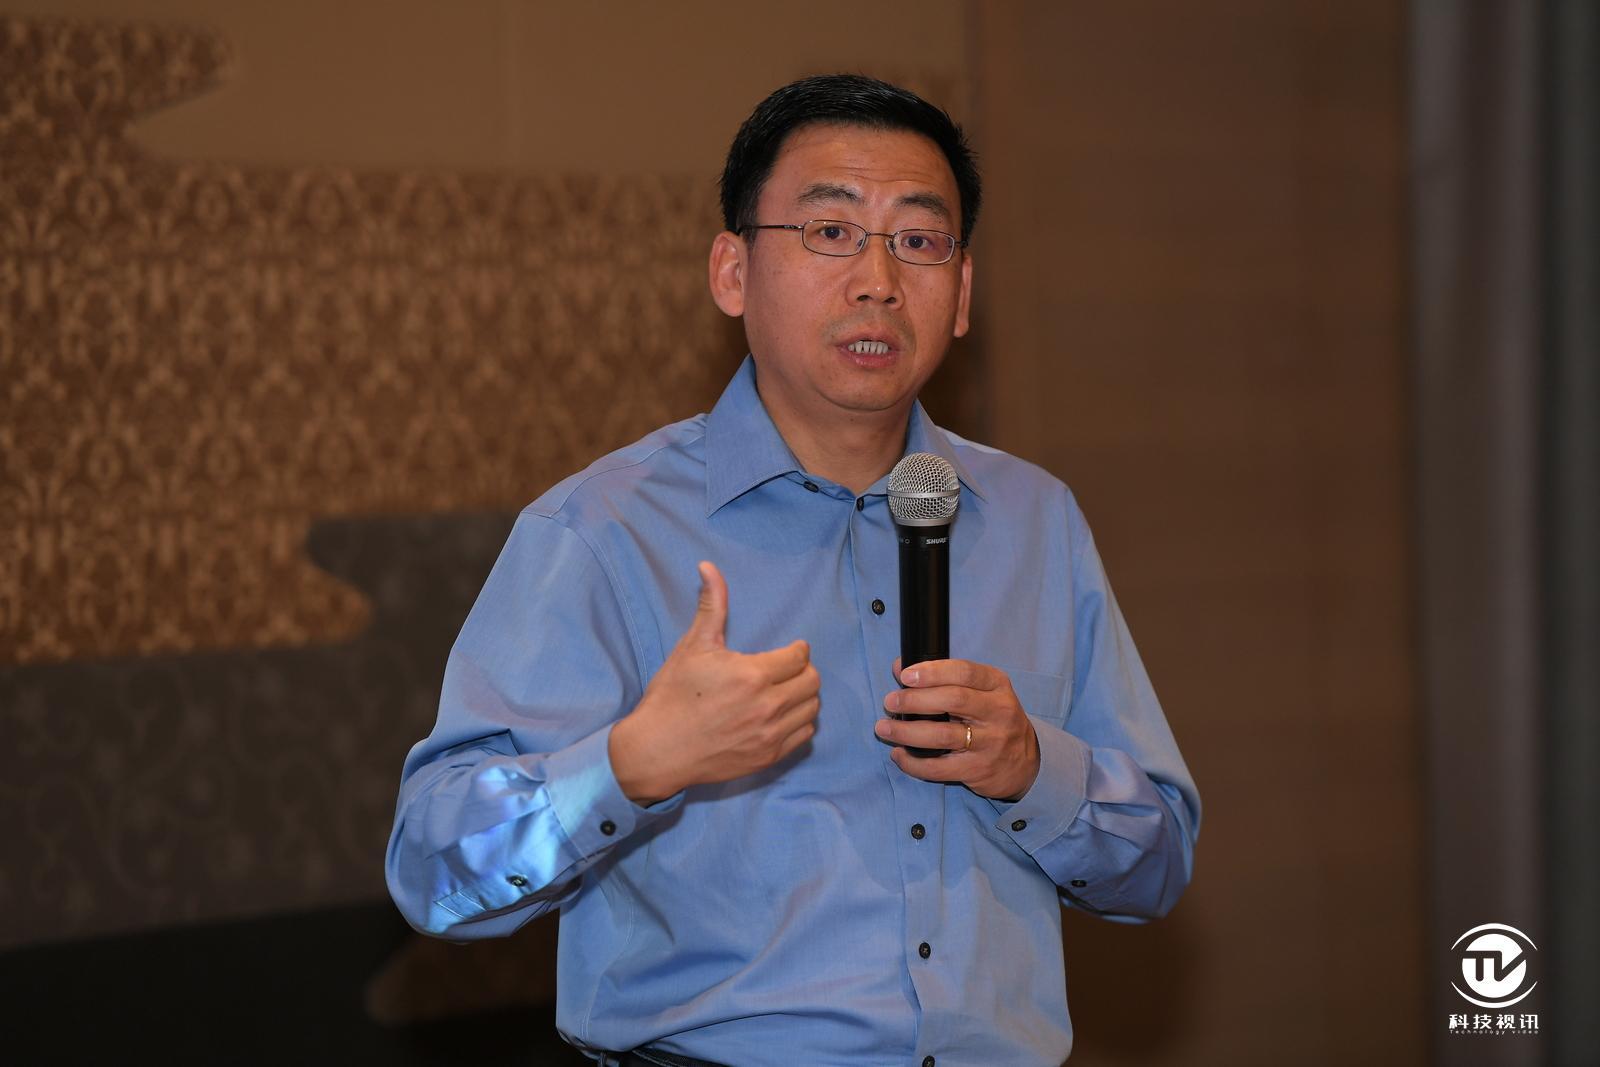 英特爾公司客戶端計算事業部副總裁、終端客戶工程事業部總經理Sam Gao.JPG